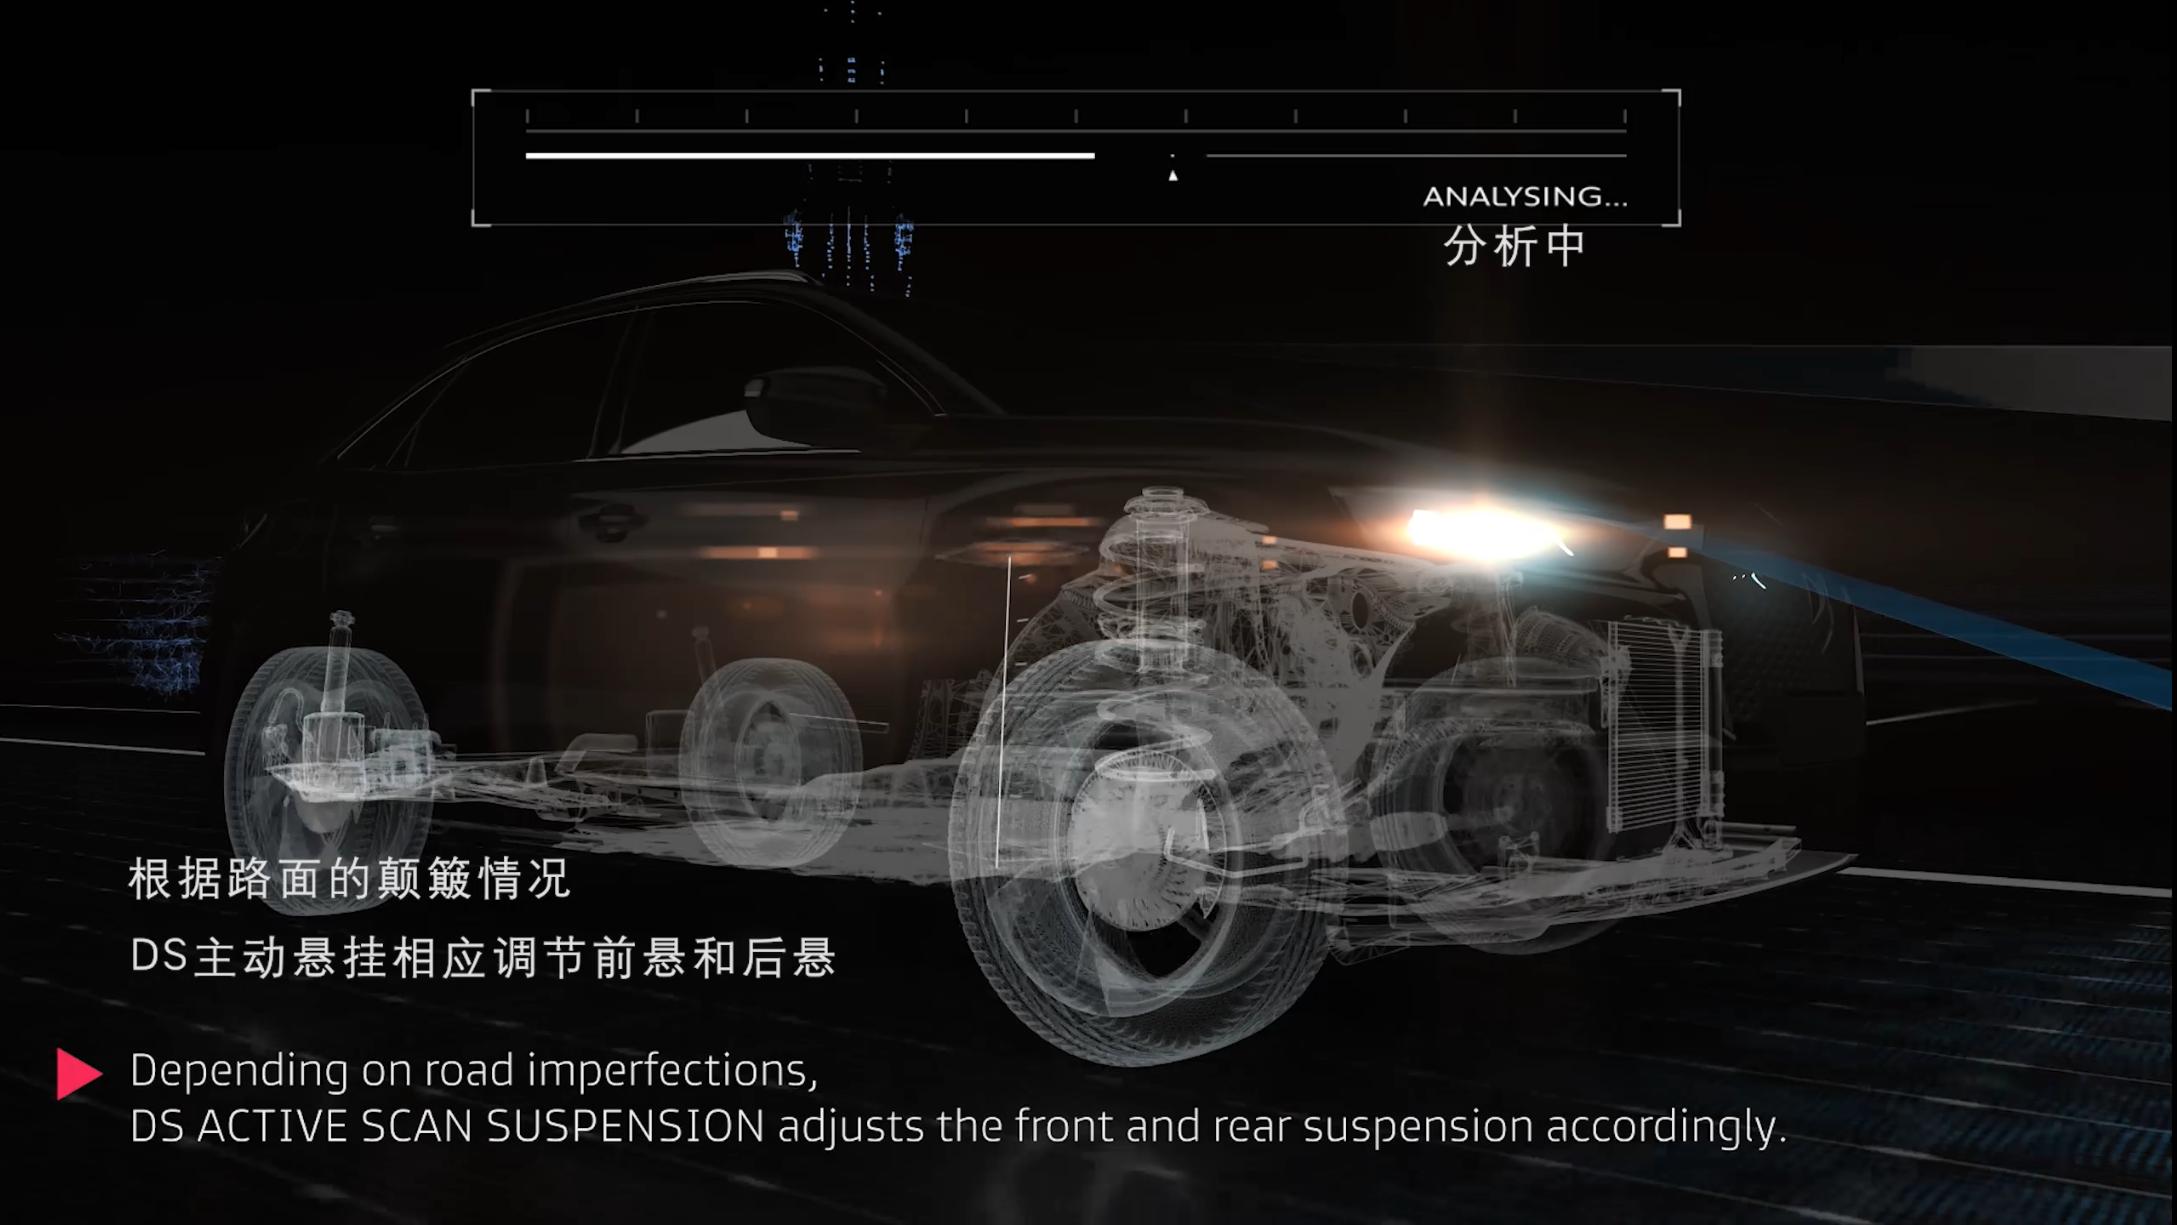 DS7主动感应式悬挂